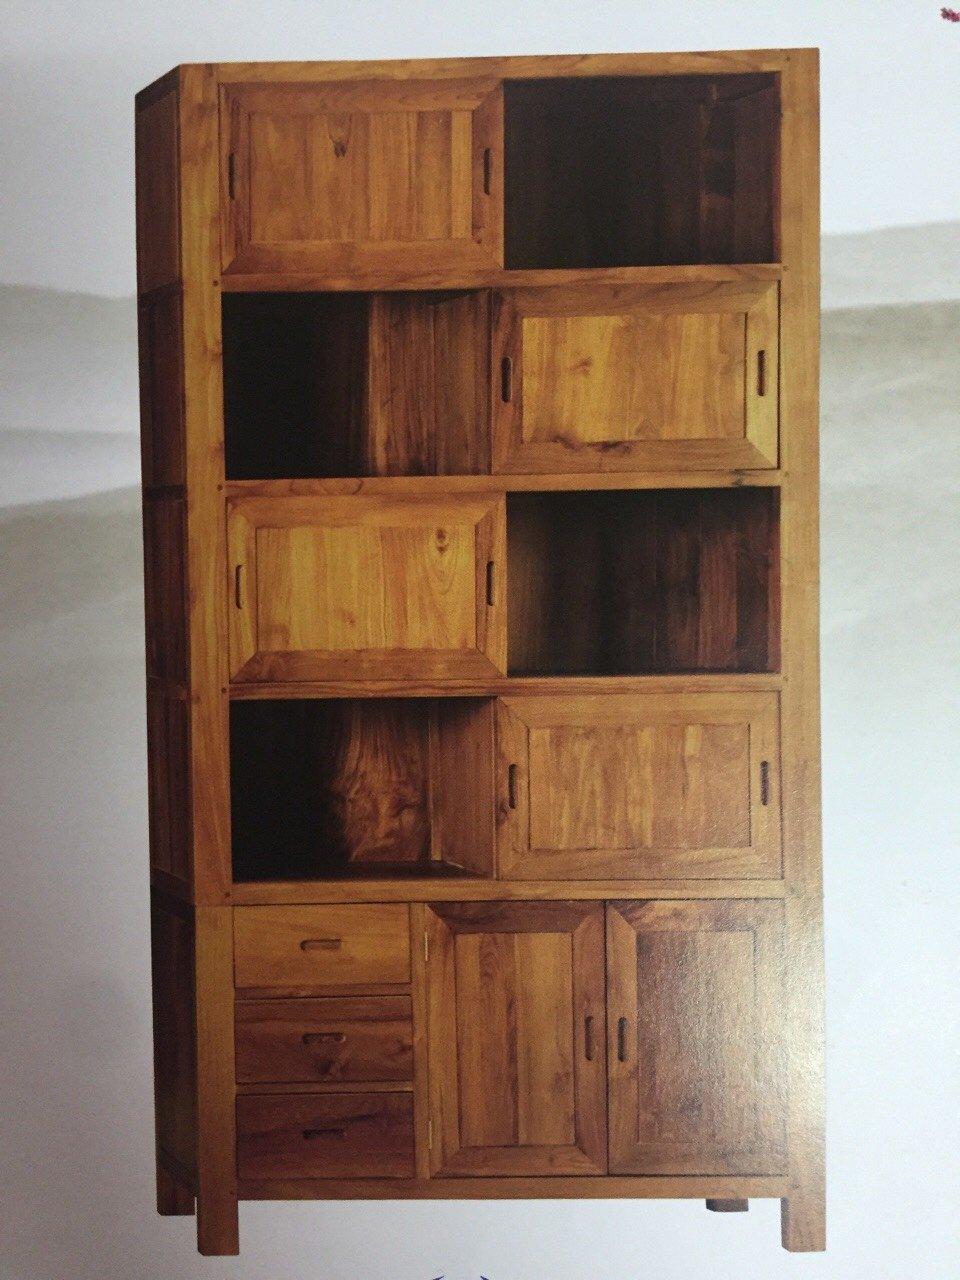 【石川家居】KL-103 柚木GS四層置物櫃/開放式書架/書櫃 需搭配車趟費